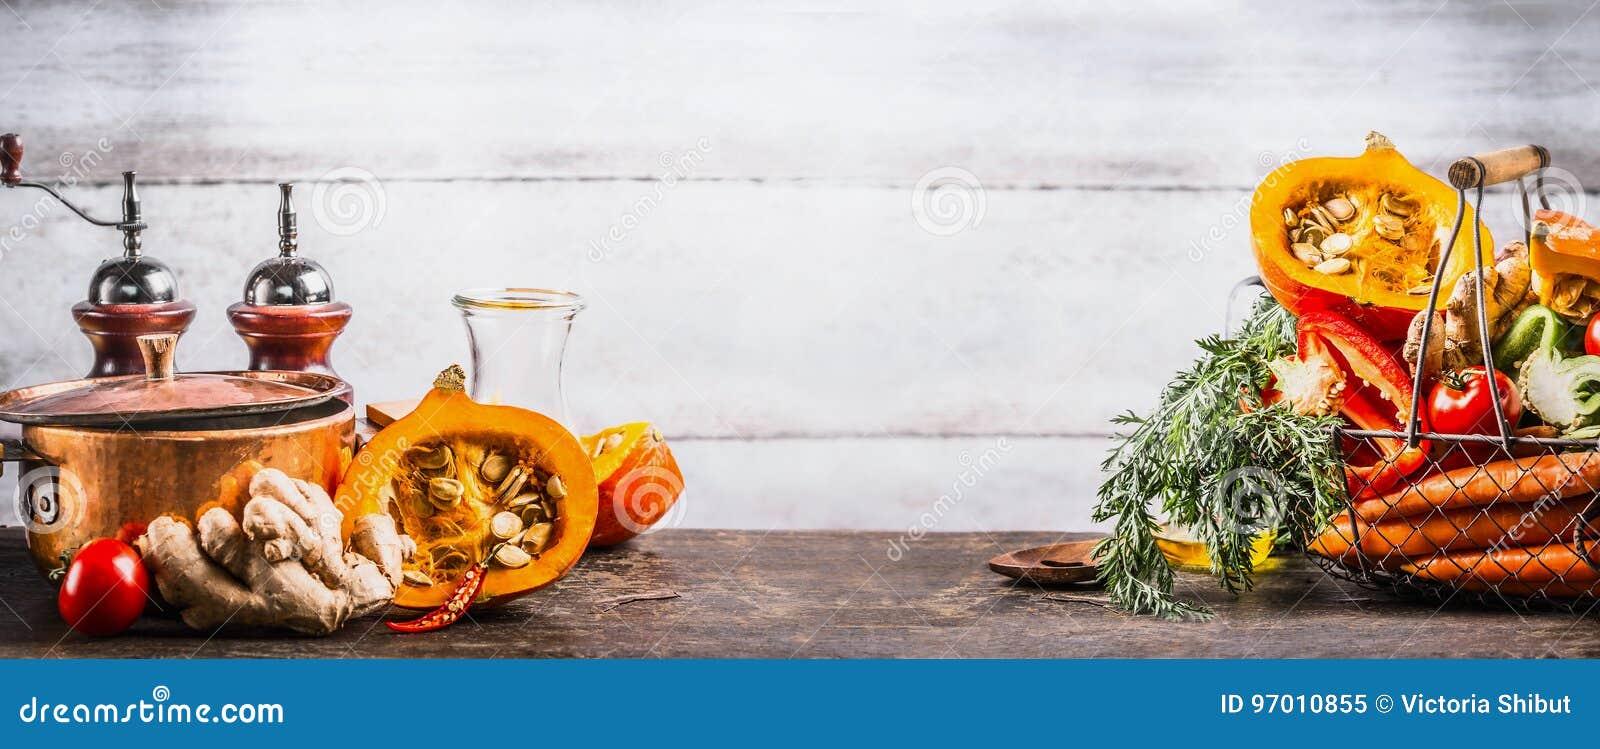 Jesieni sezonowy kulinarny pojęcie Różnorodnej jesieni sezonowi organicznie warzywa: bania, marchewka, papryka, pomidory, imbir w